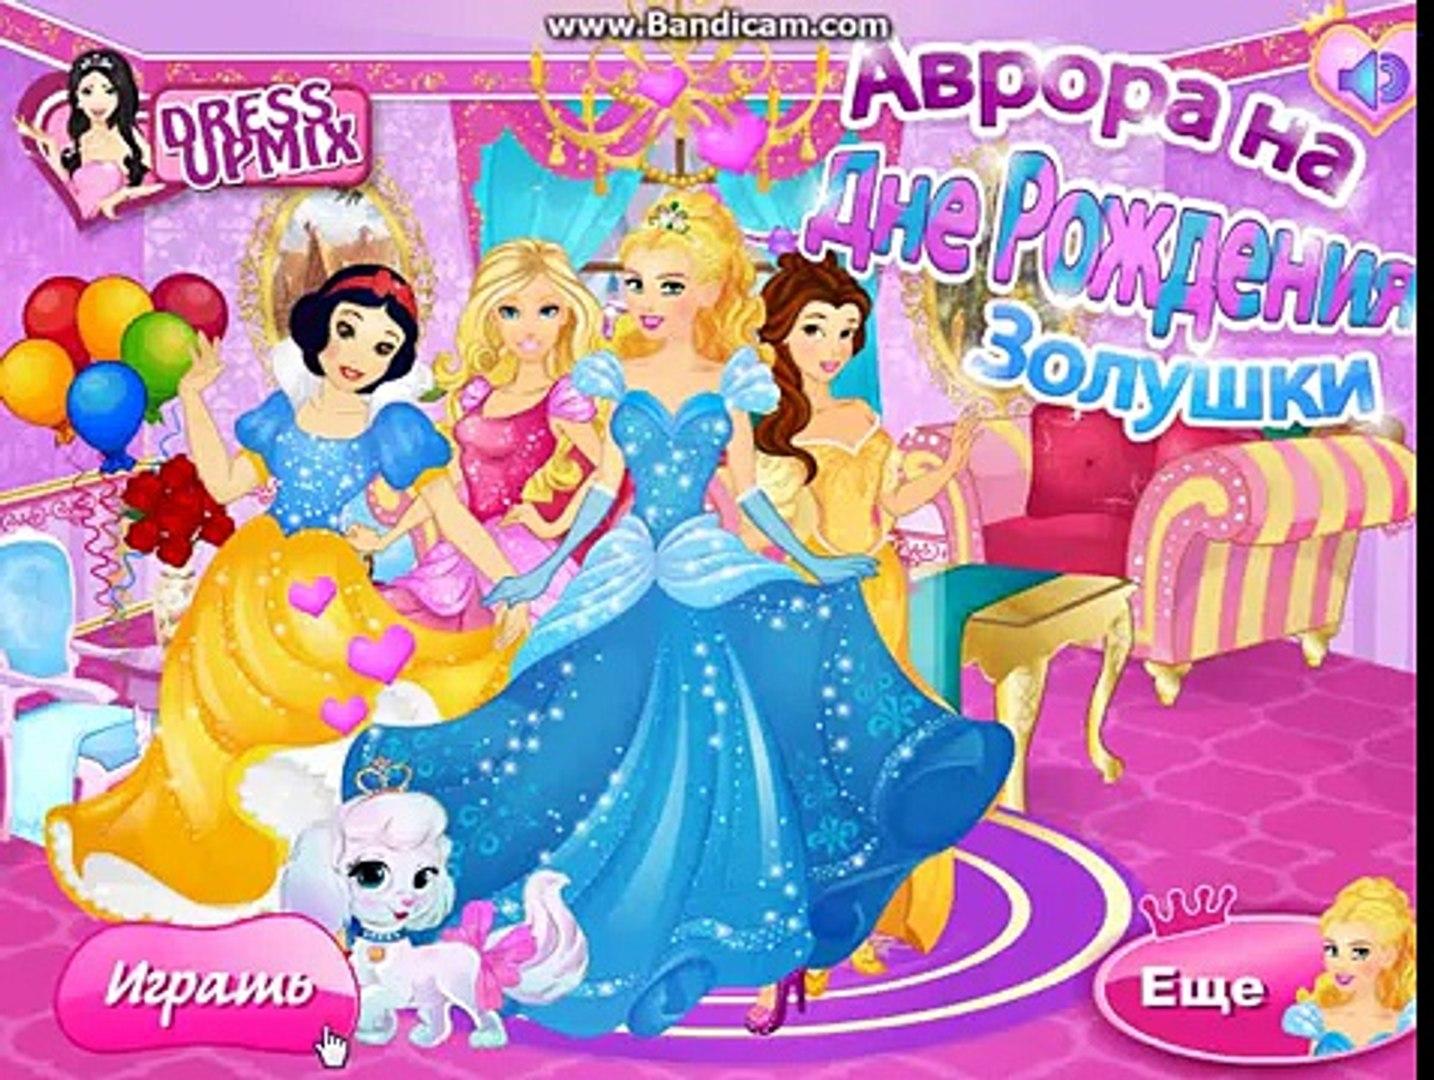 Мультик Золушка: ( Birthday Cinderella) День рождения Золушки